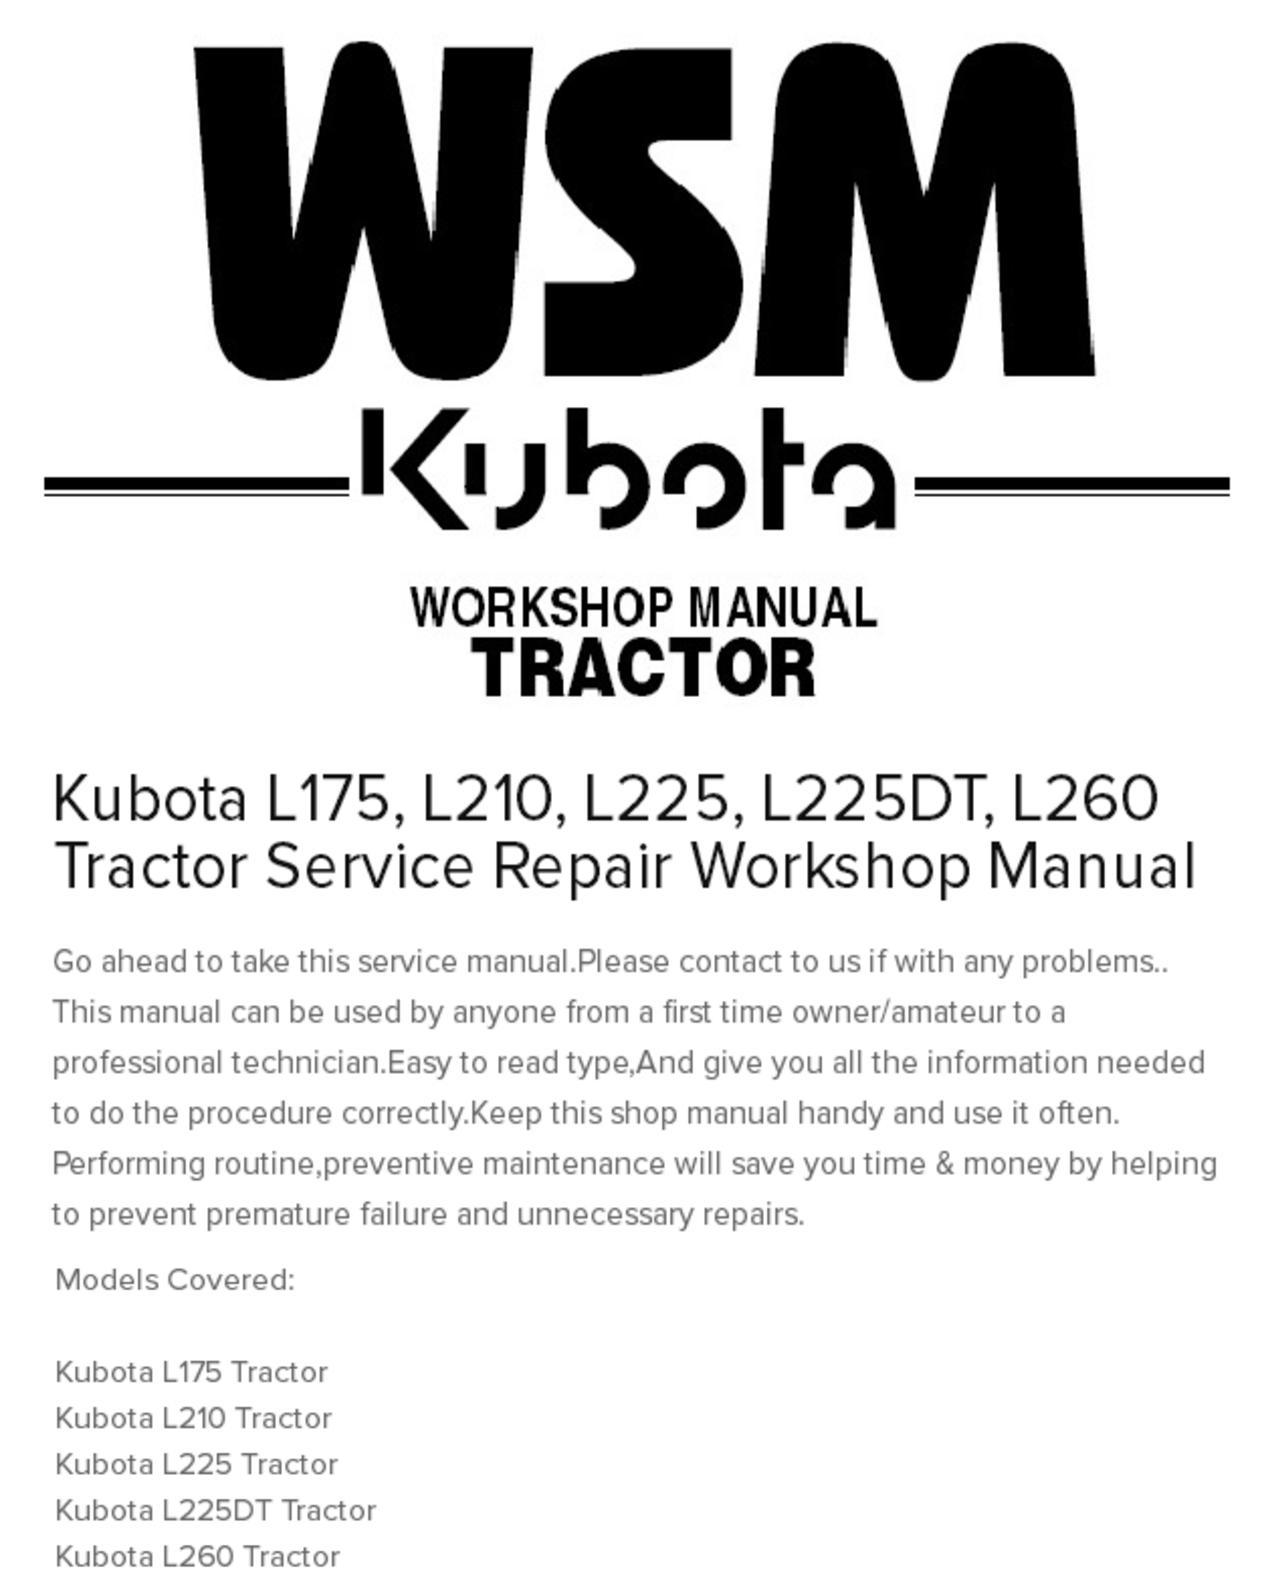 Calaméo - Kubota L175, L210, L225, L225dt, L260 Tractor Service Repair  Workshop Manual